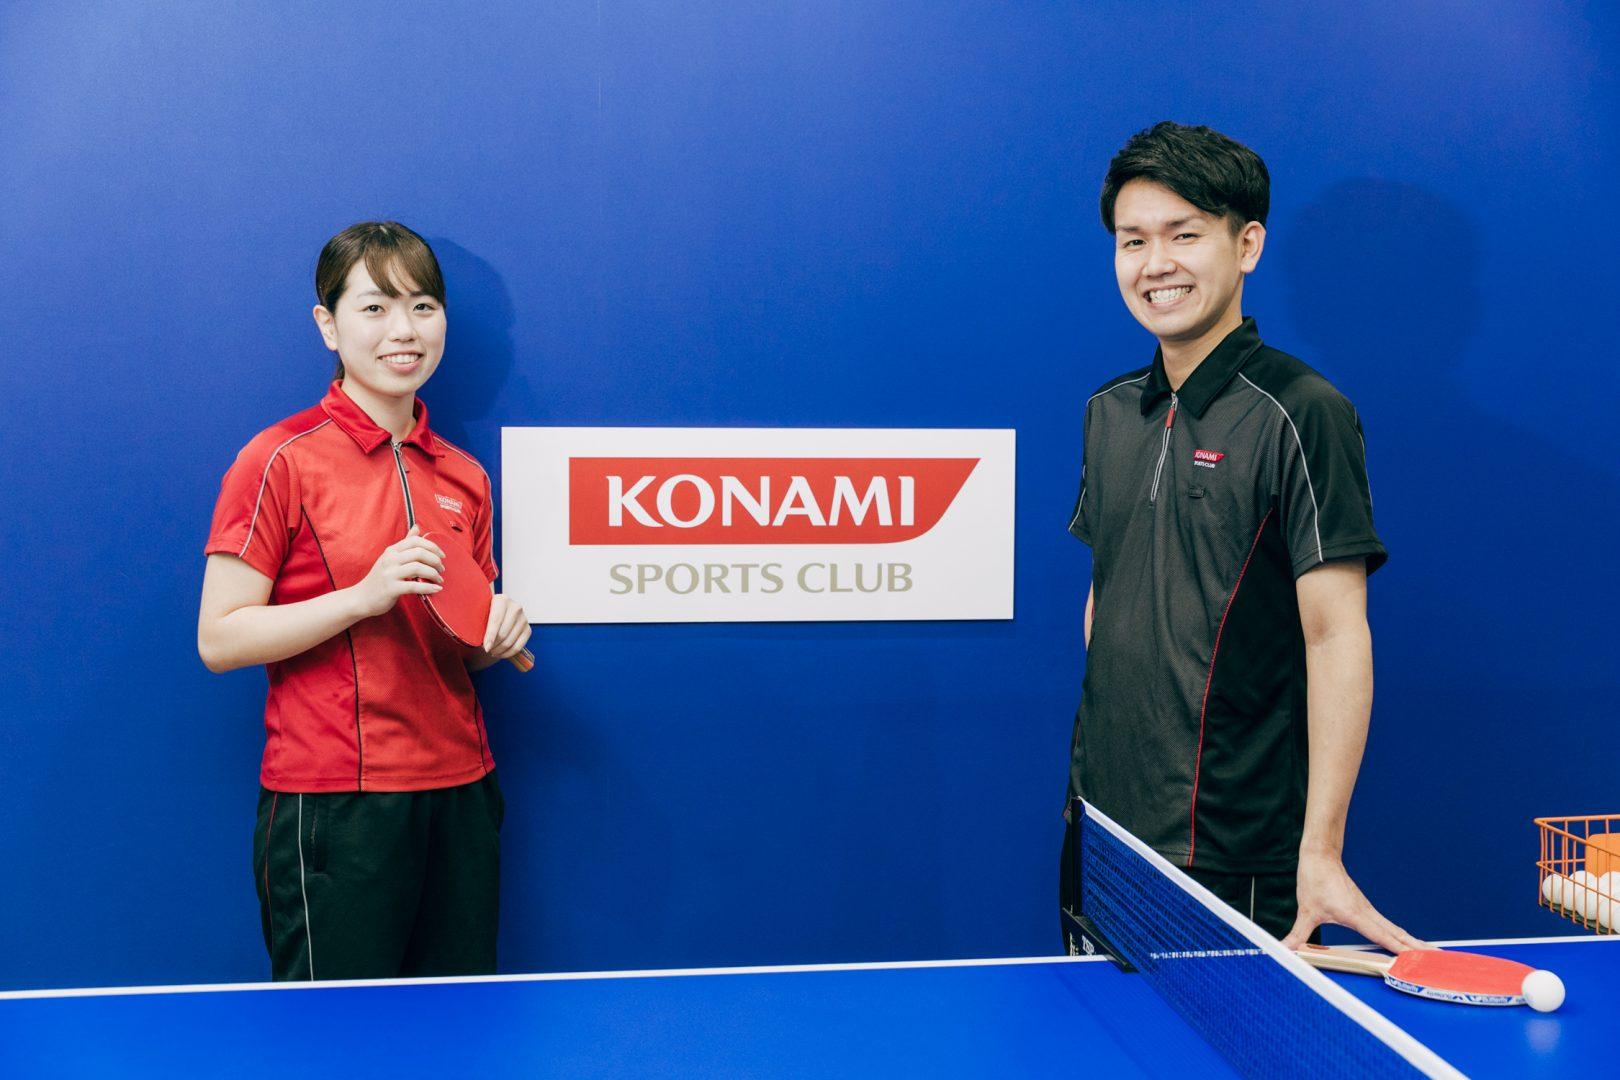 【現地レポ】2018年夏からスタートした、コナミスポーツクラブの卓球スクールが人気のワケ[PR]